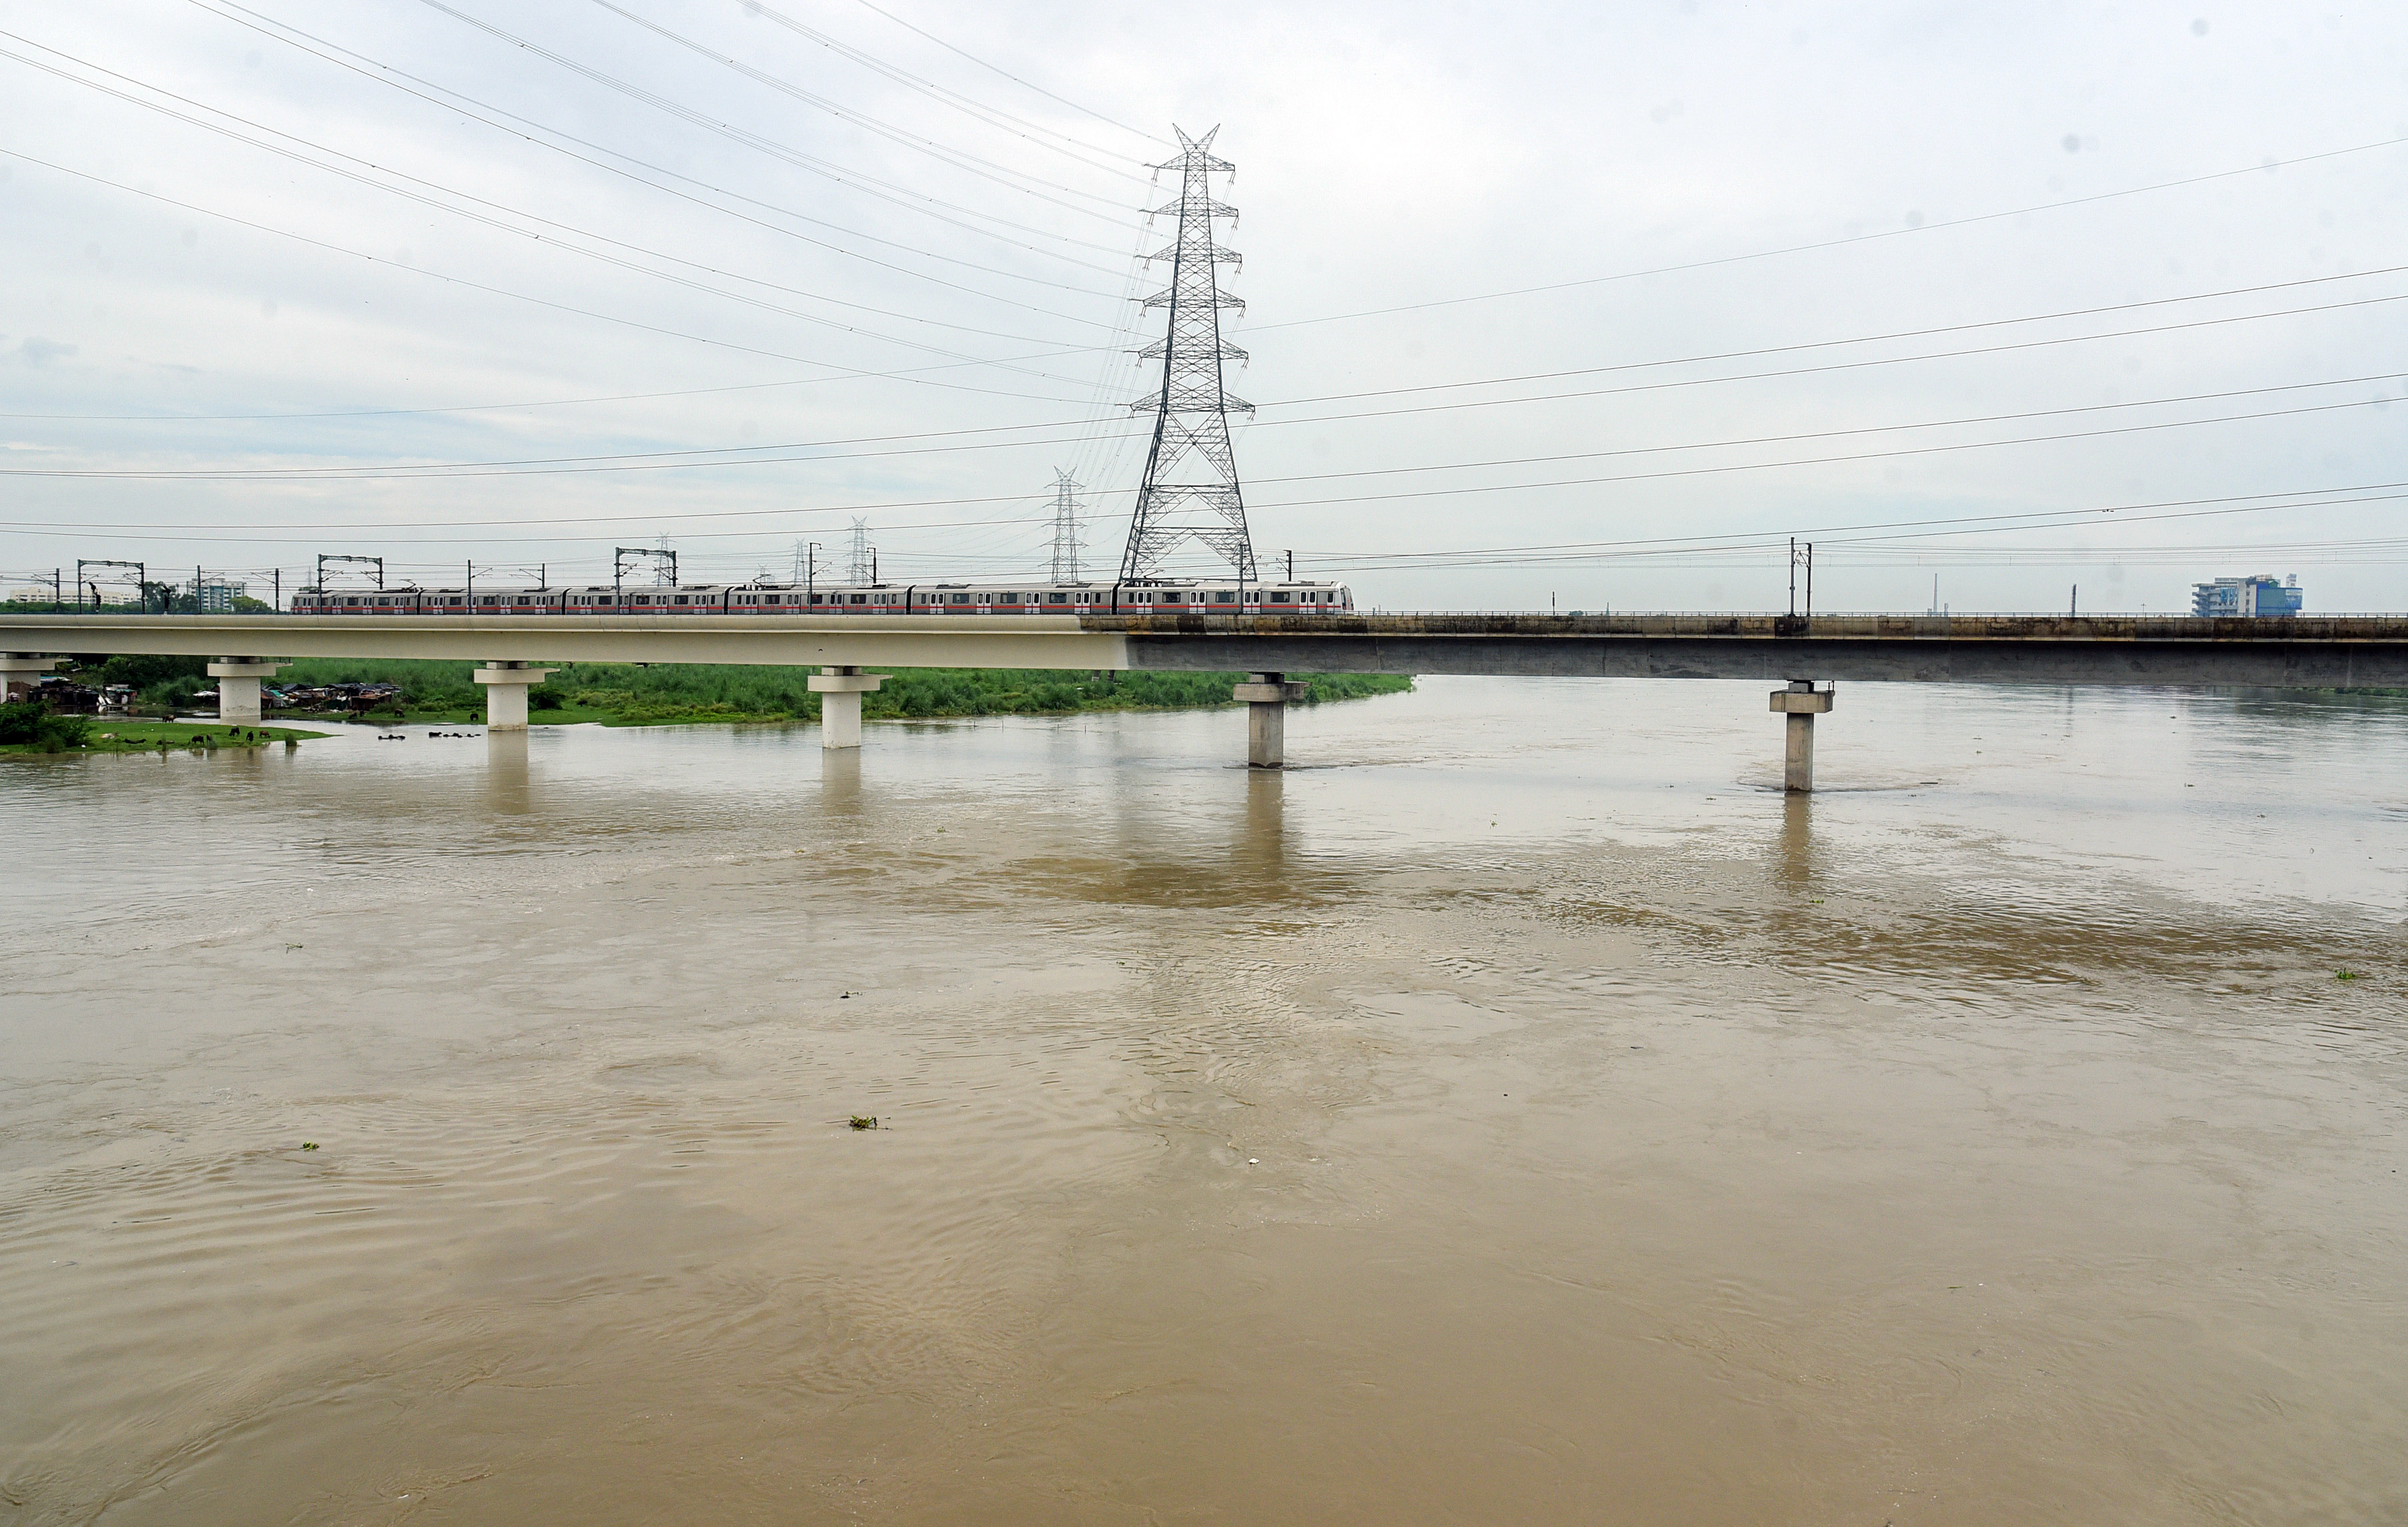 दिल्ली में पिछले 24 घंटे में 28 मिमी बारिश हुई है। यहां यमुना खतरे के निशान के करीब है।